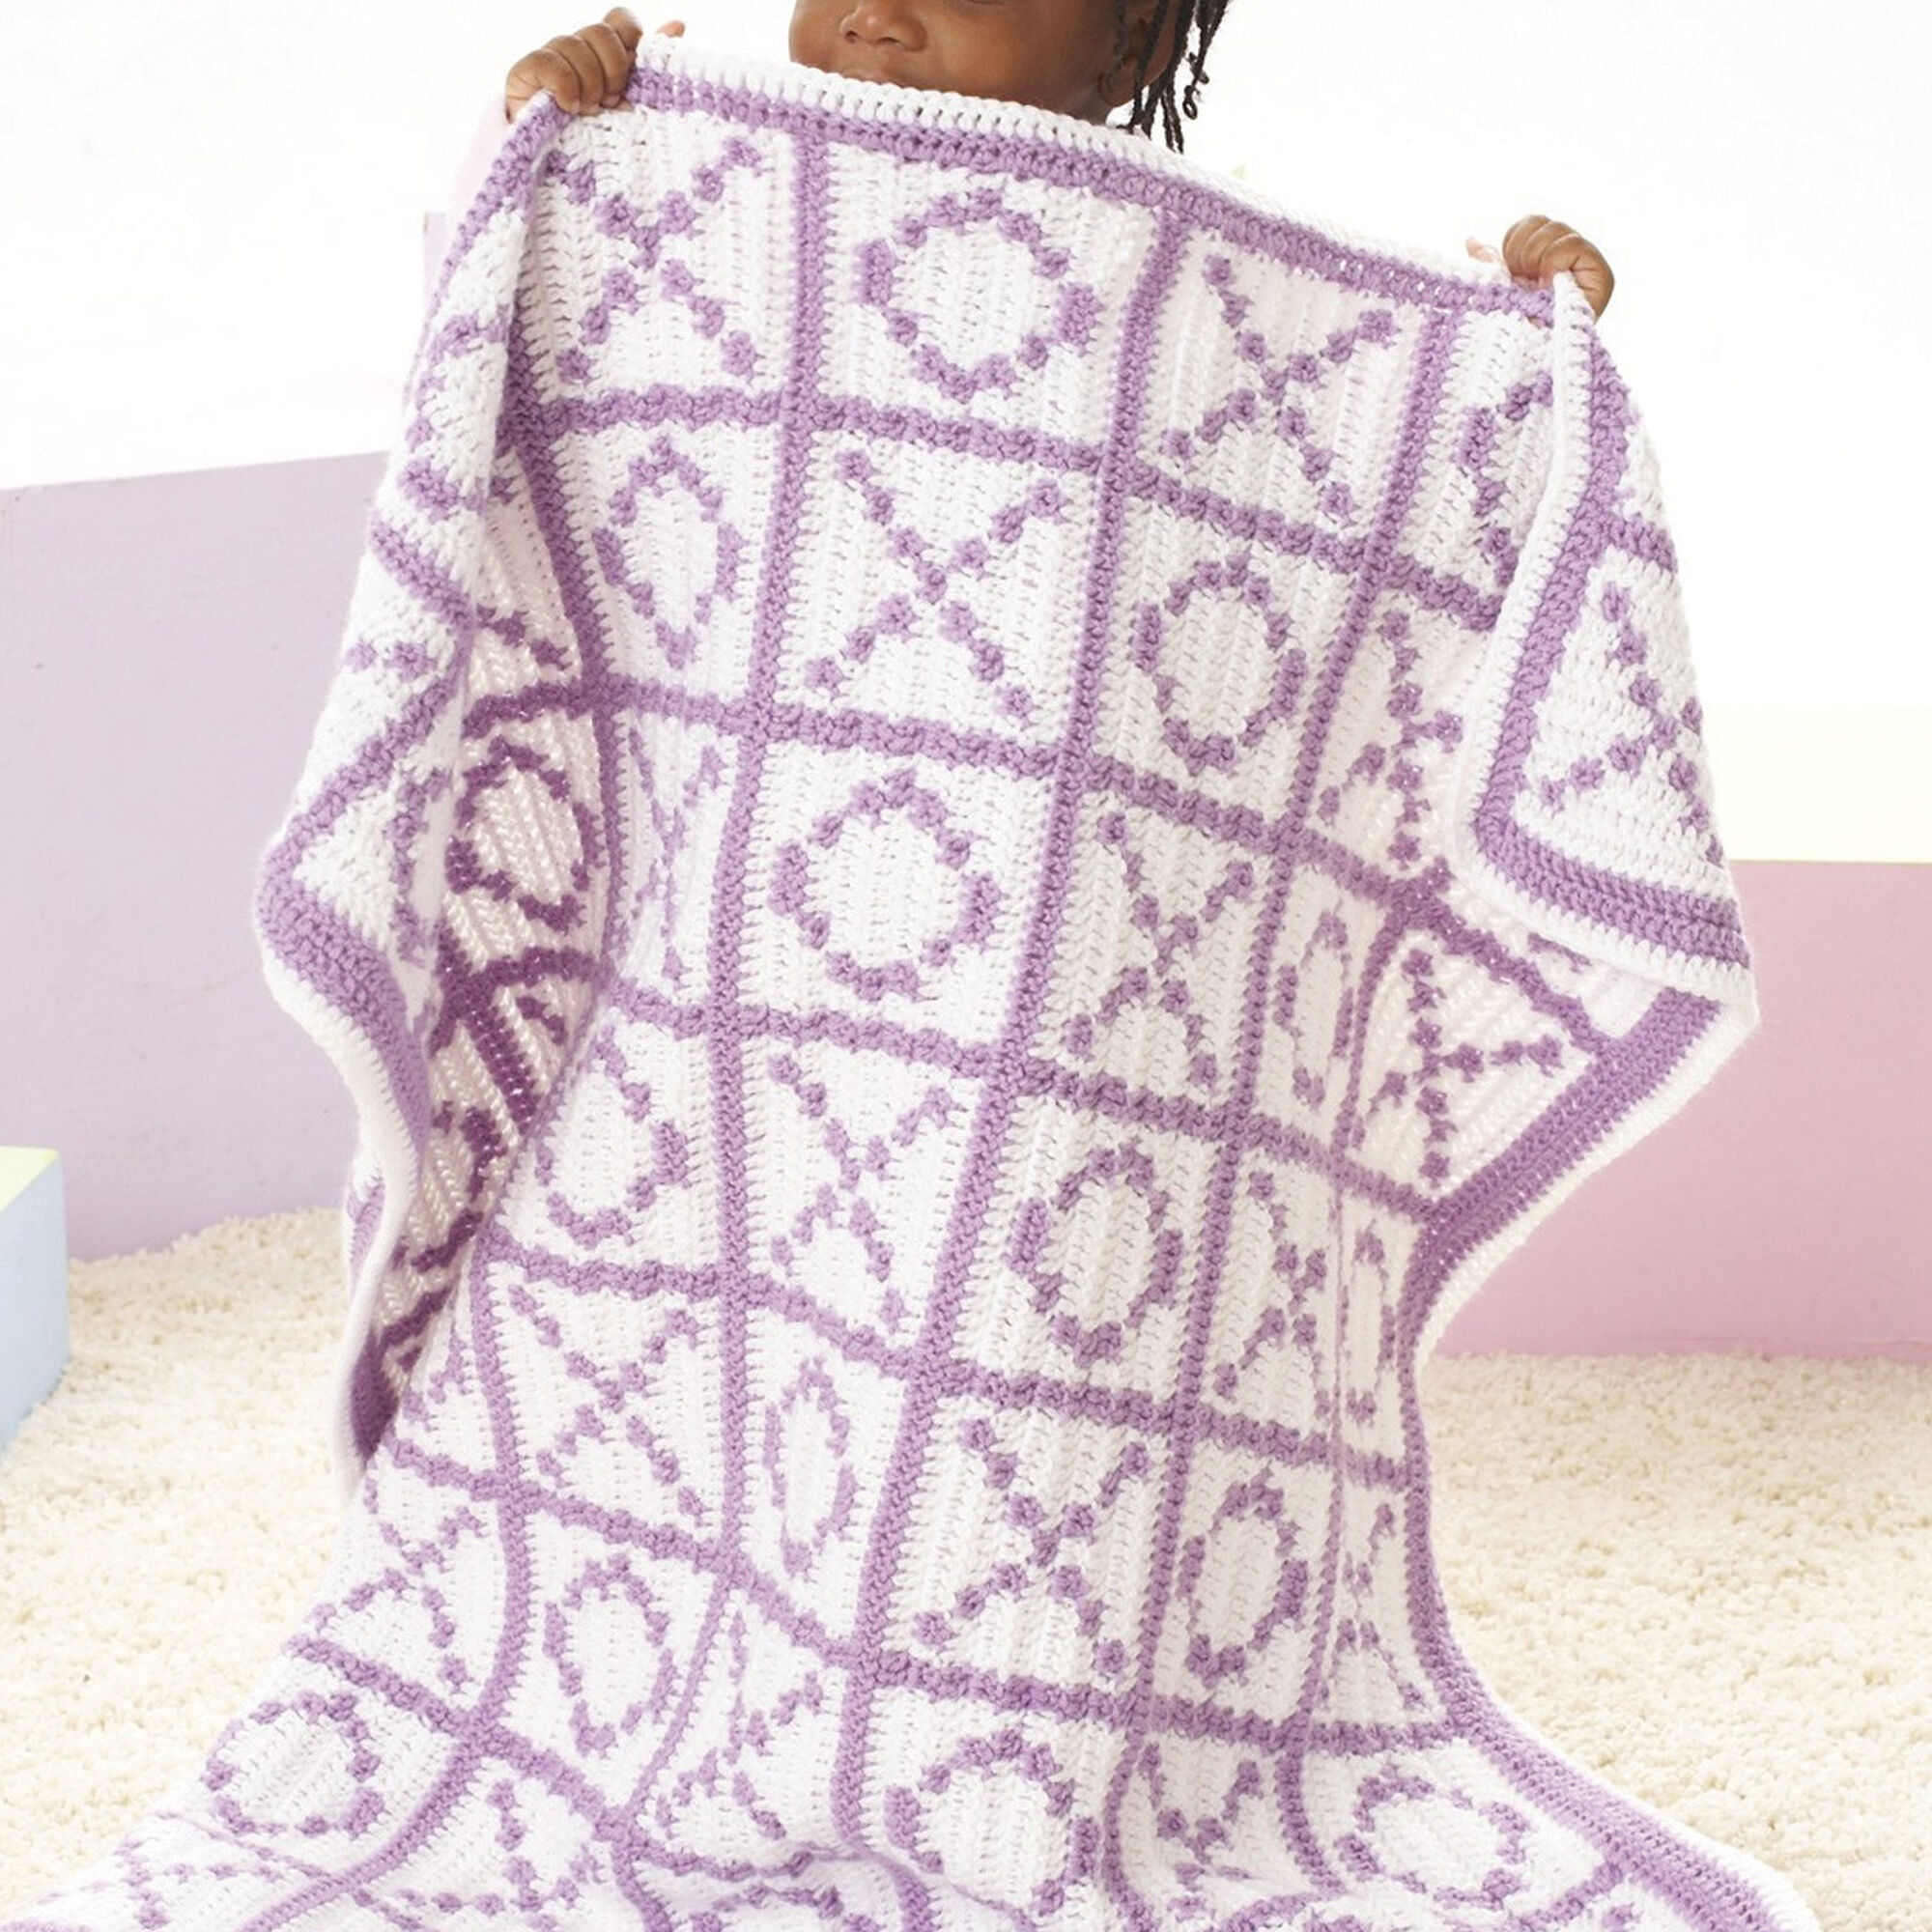 Caron Hugs And Kisses Blanket Yarnspirations